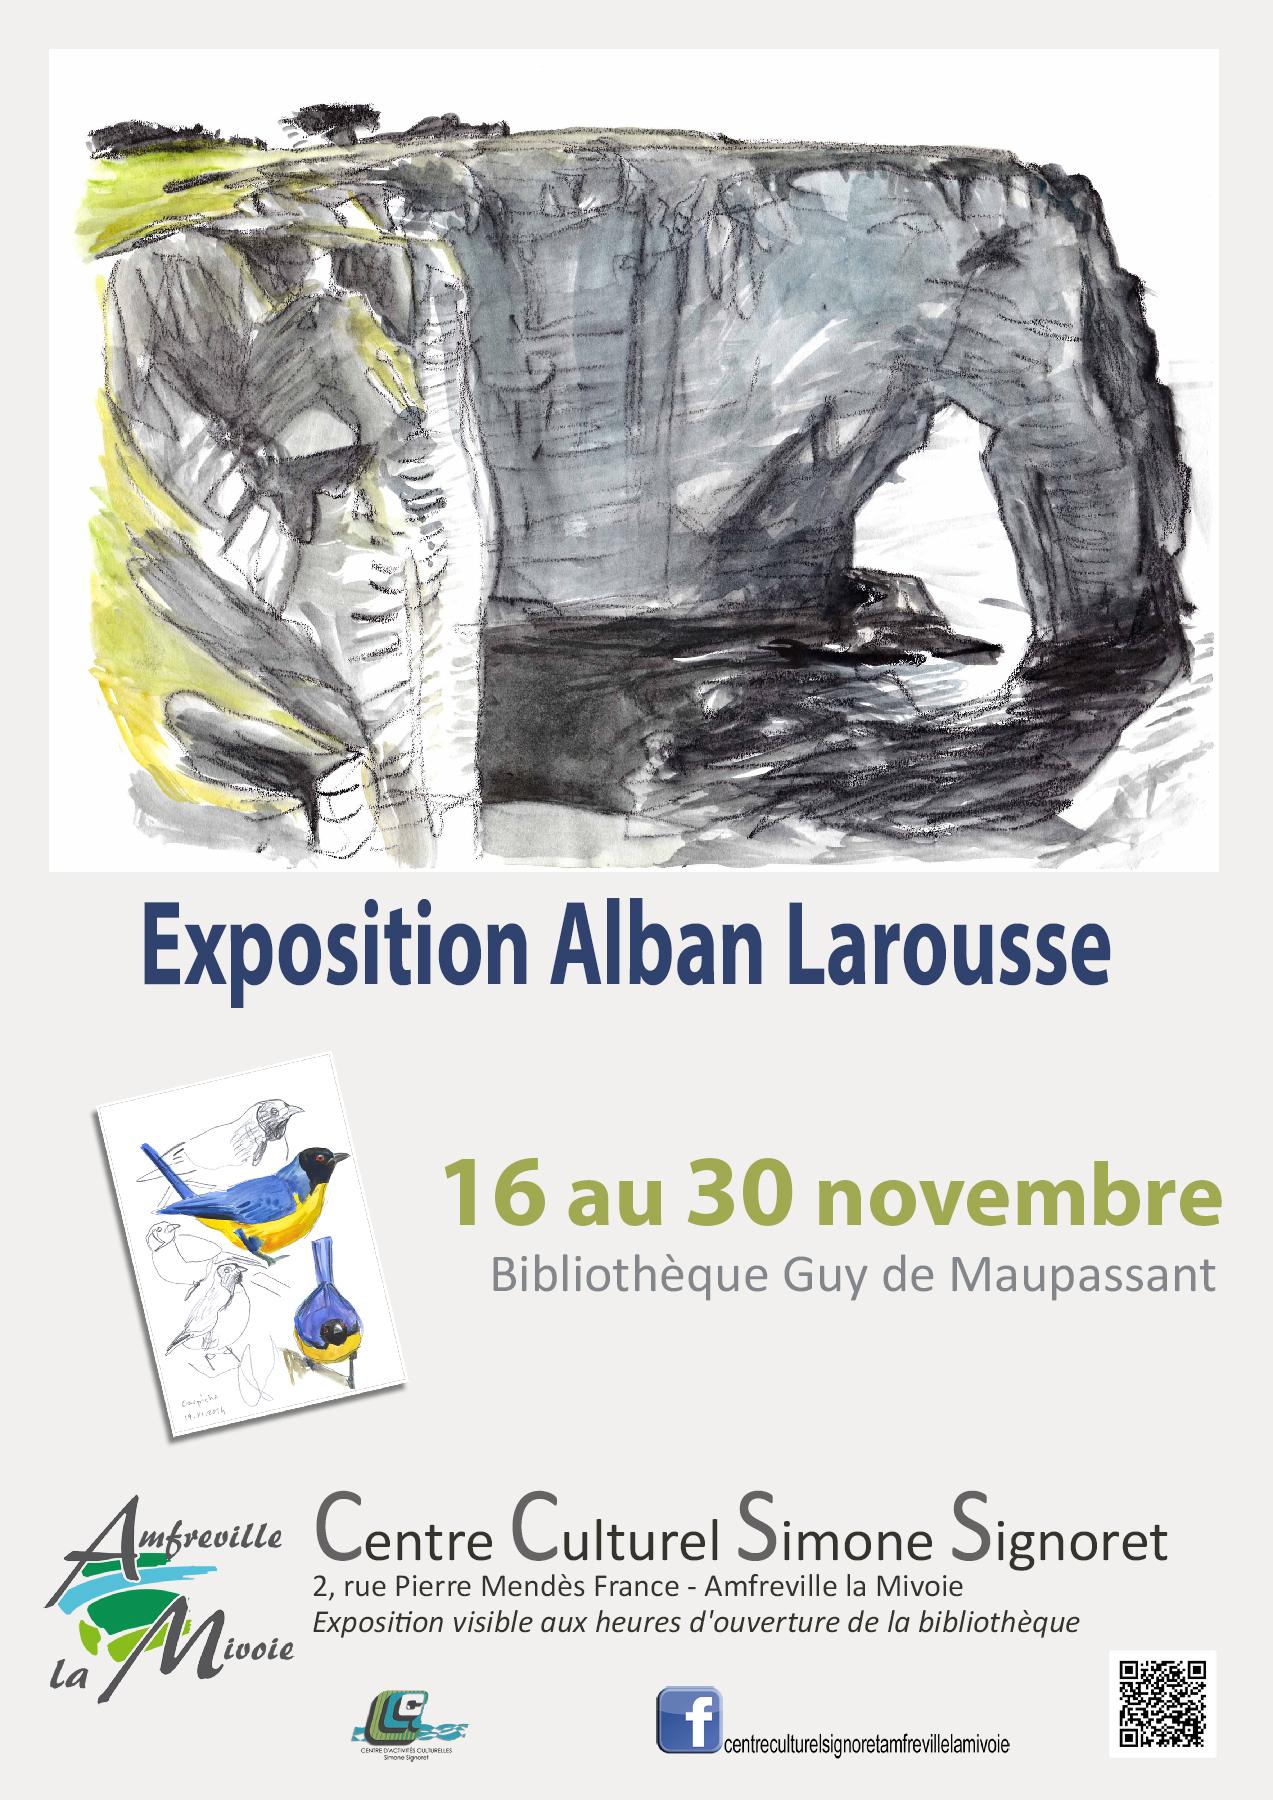 affiche-expo-a-larousse-fb